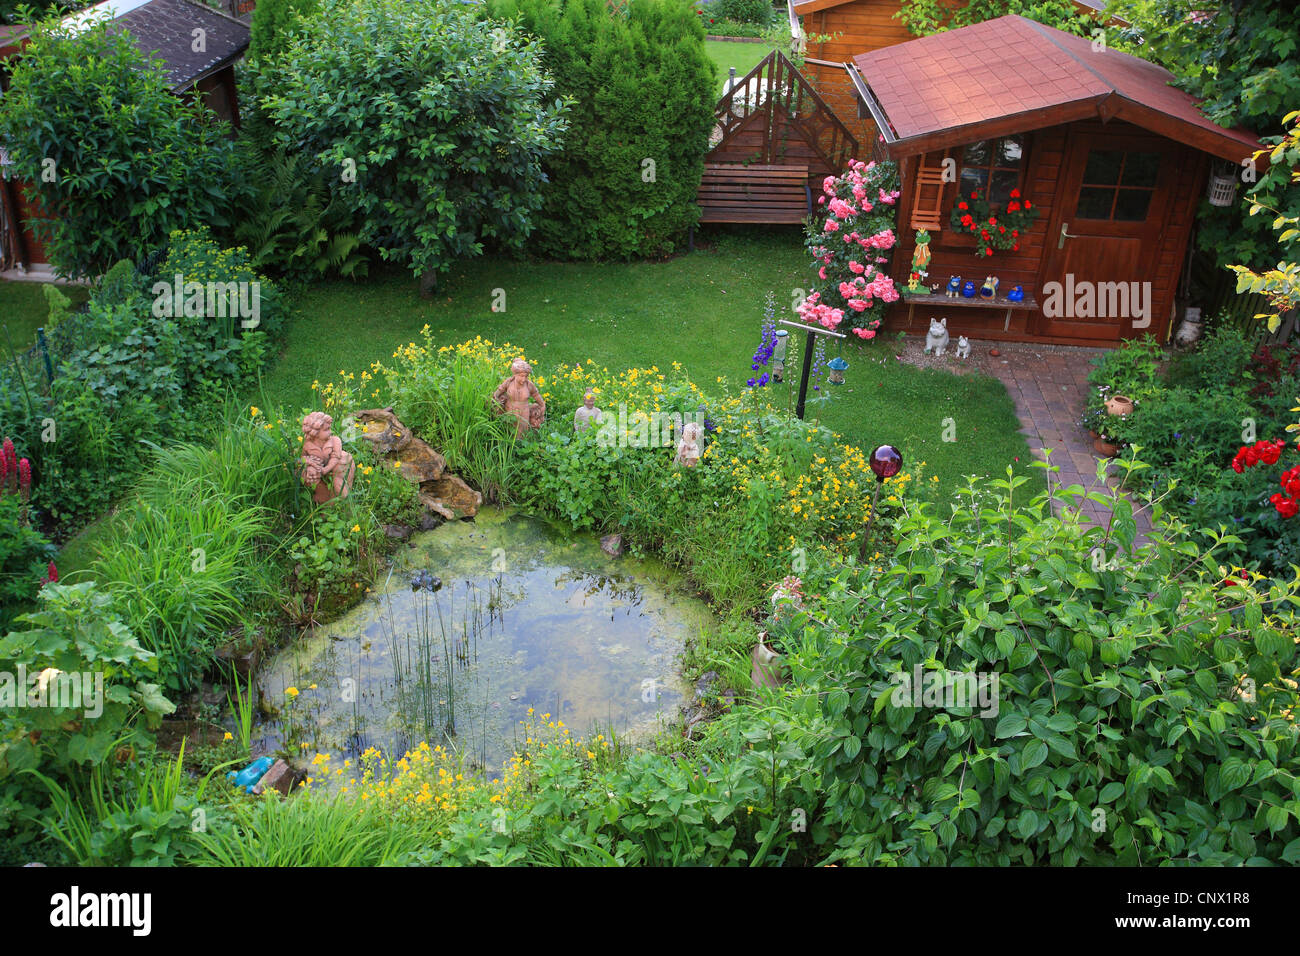 Jardin Con Estanque De Jardin Flores Y Figuras De Jardin Foto - Jardin-con-estanque